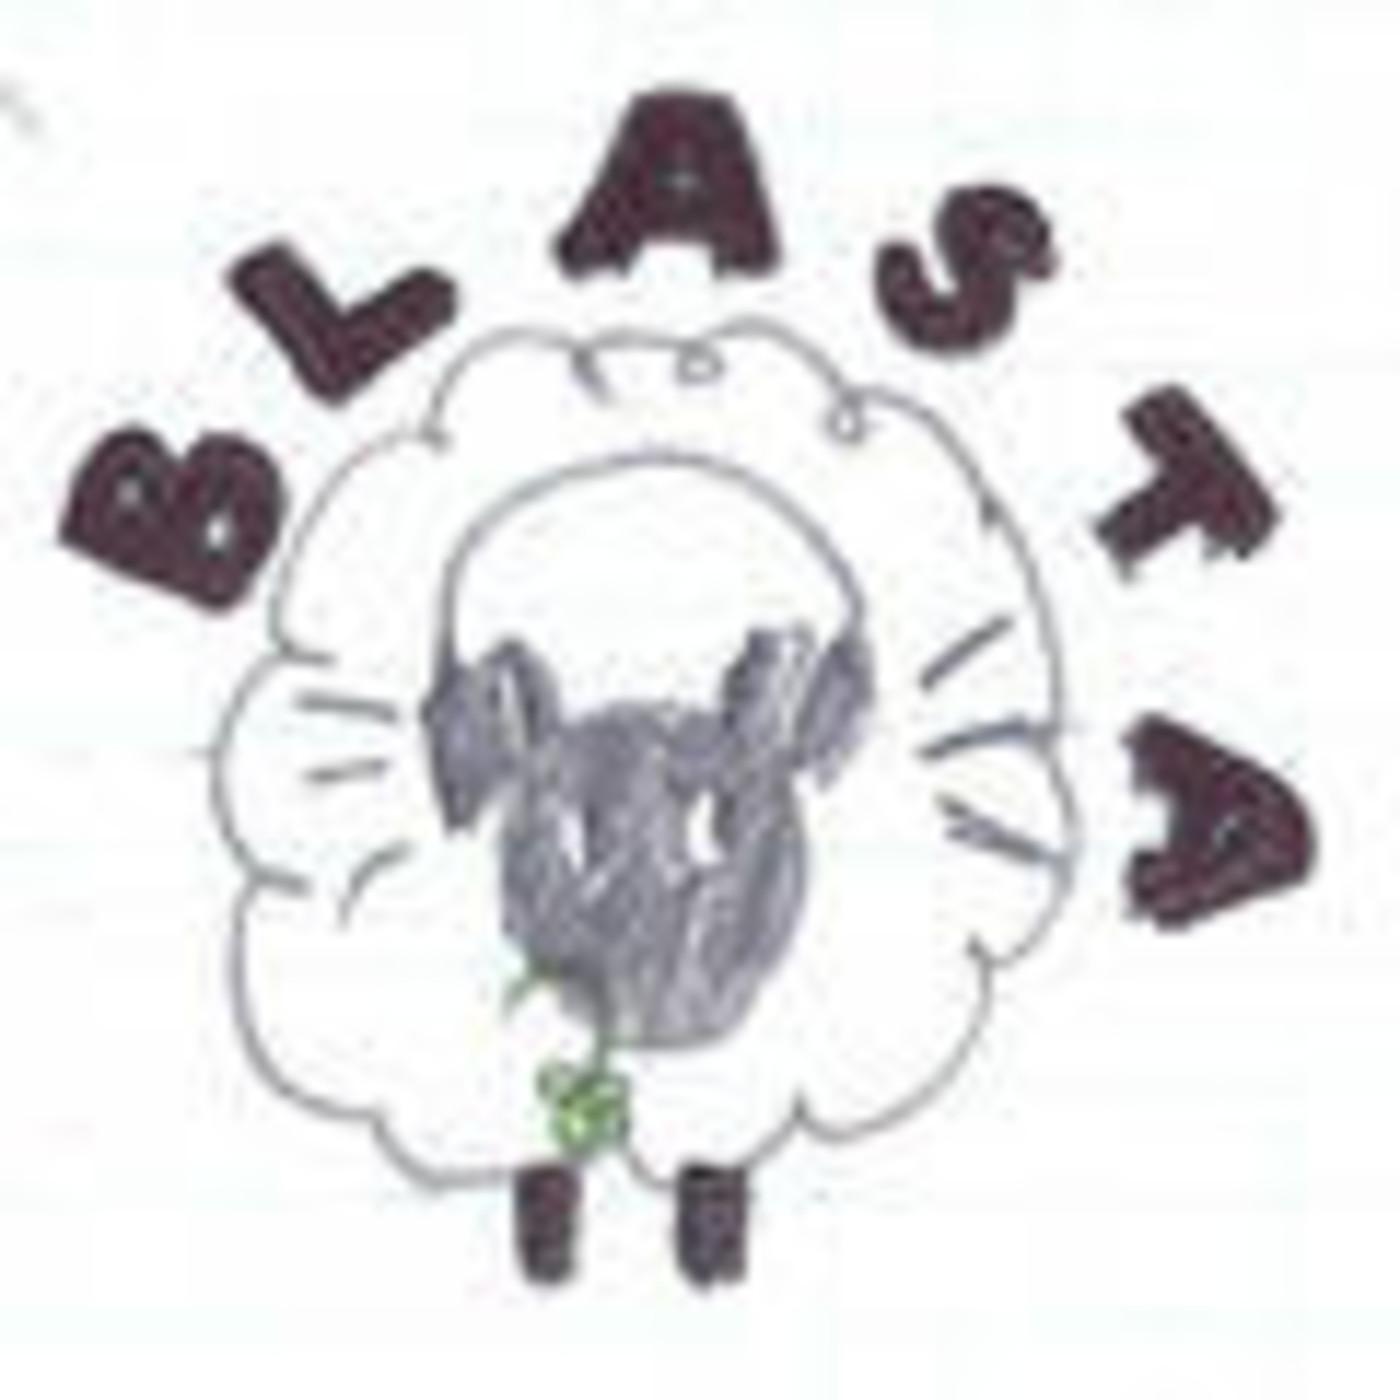 Blasta